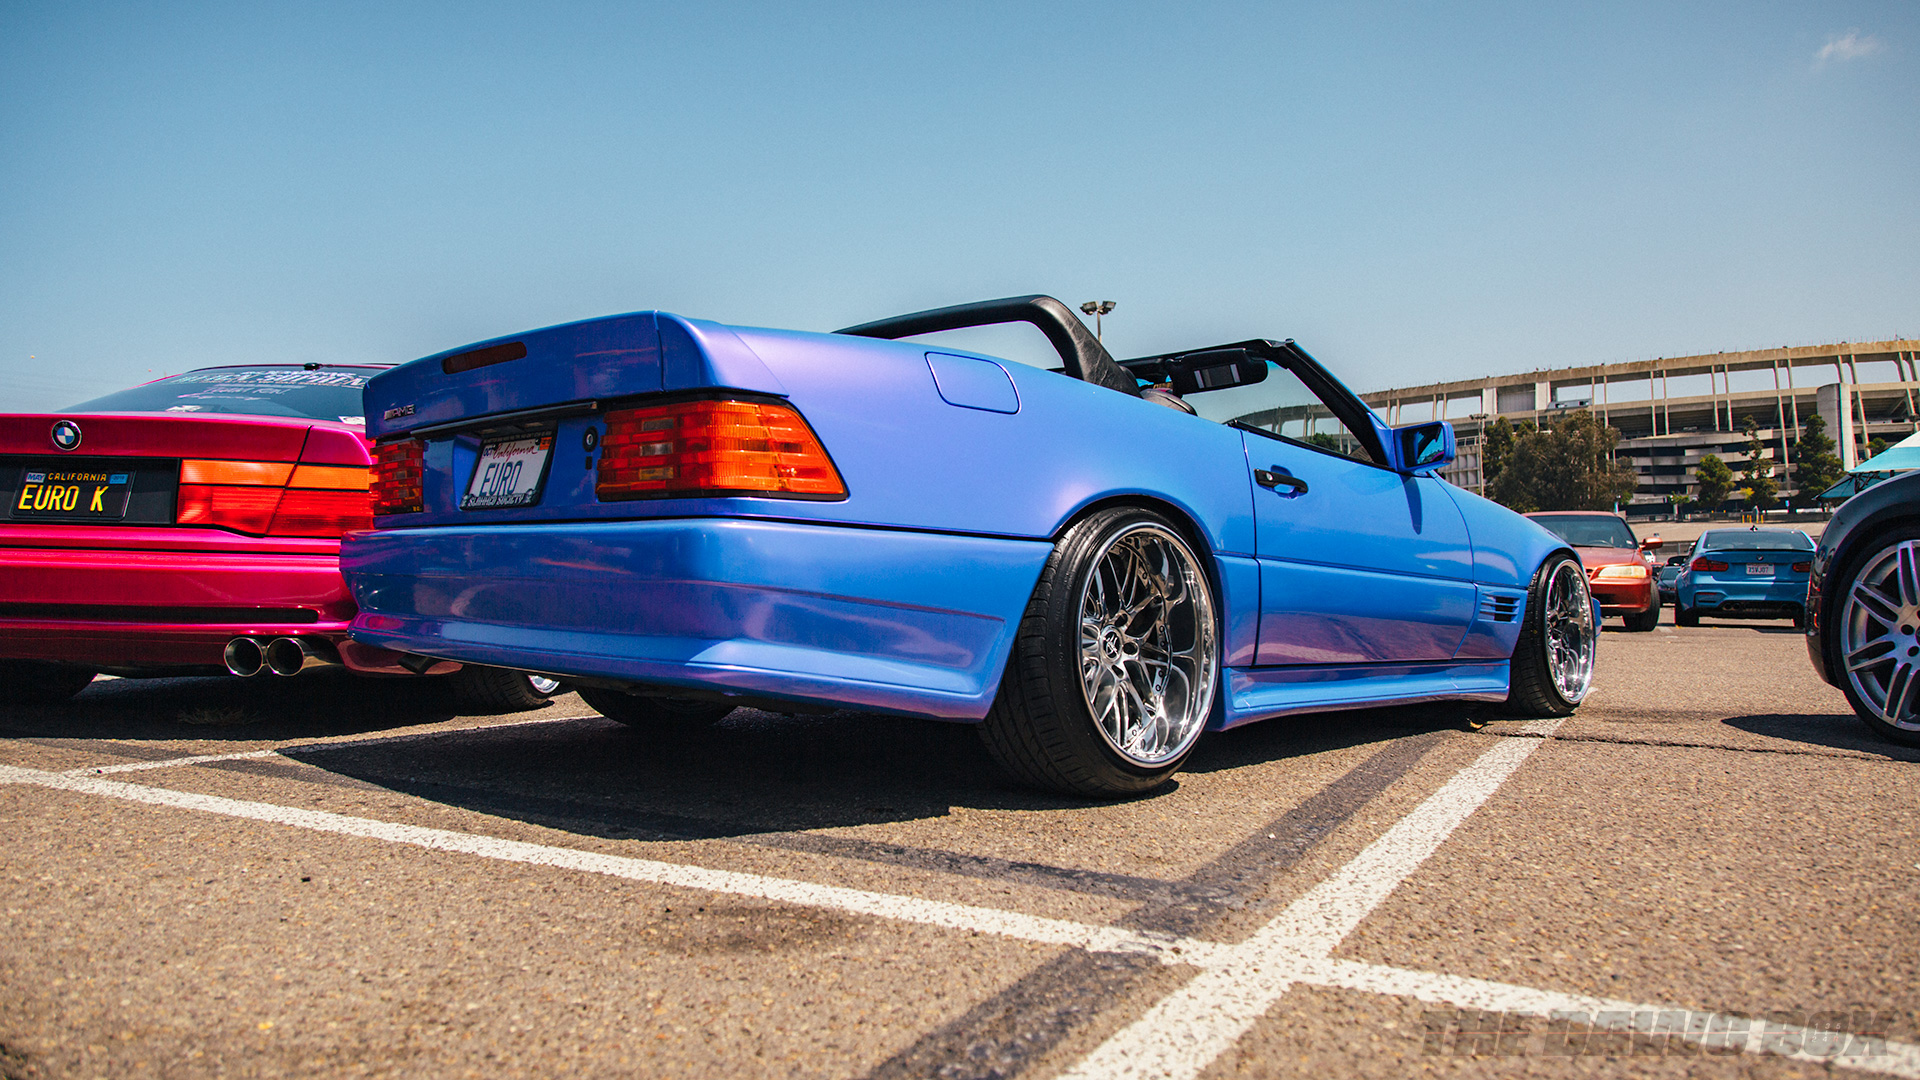 Blue convertible Merceds AMG and Pint BMW at Big Socal Euro